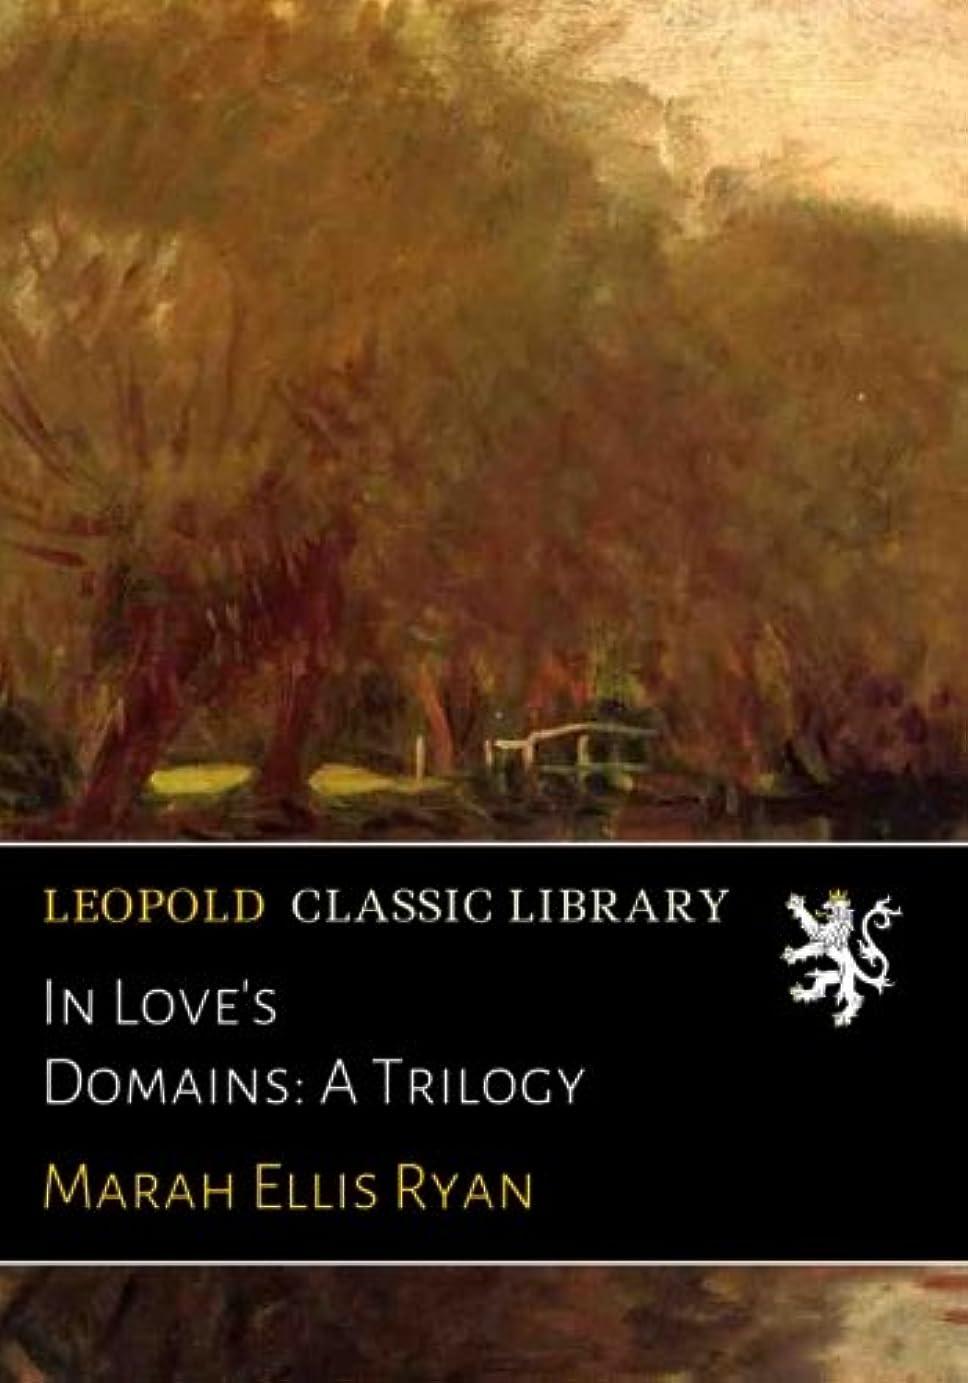 シリングアンタゴニスト聴覚障害者In Love's Domains: A Trilogy